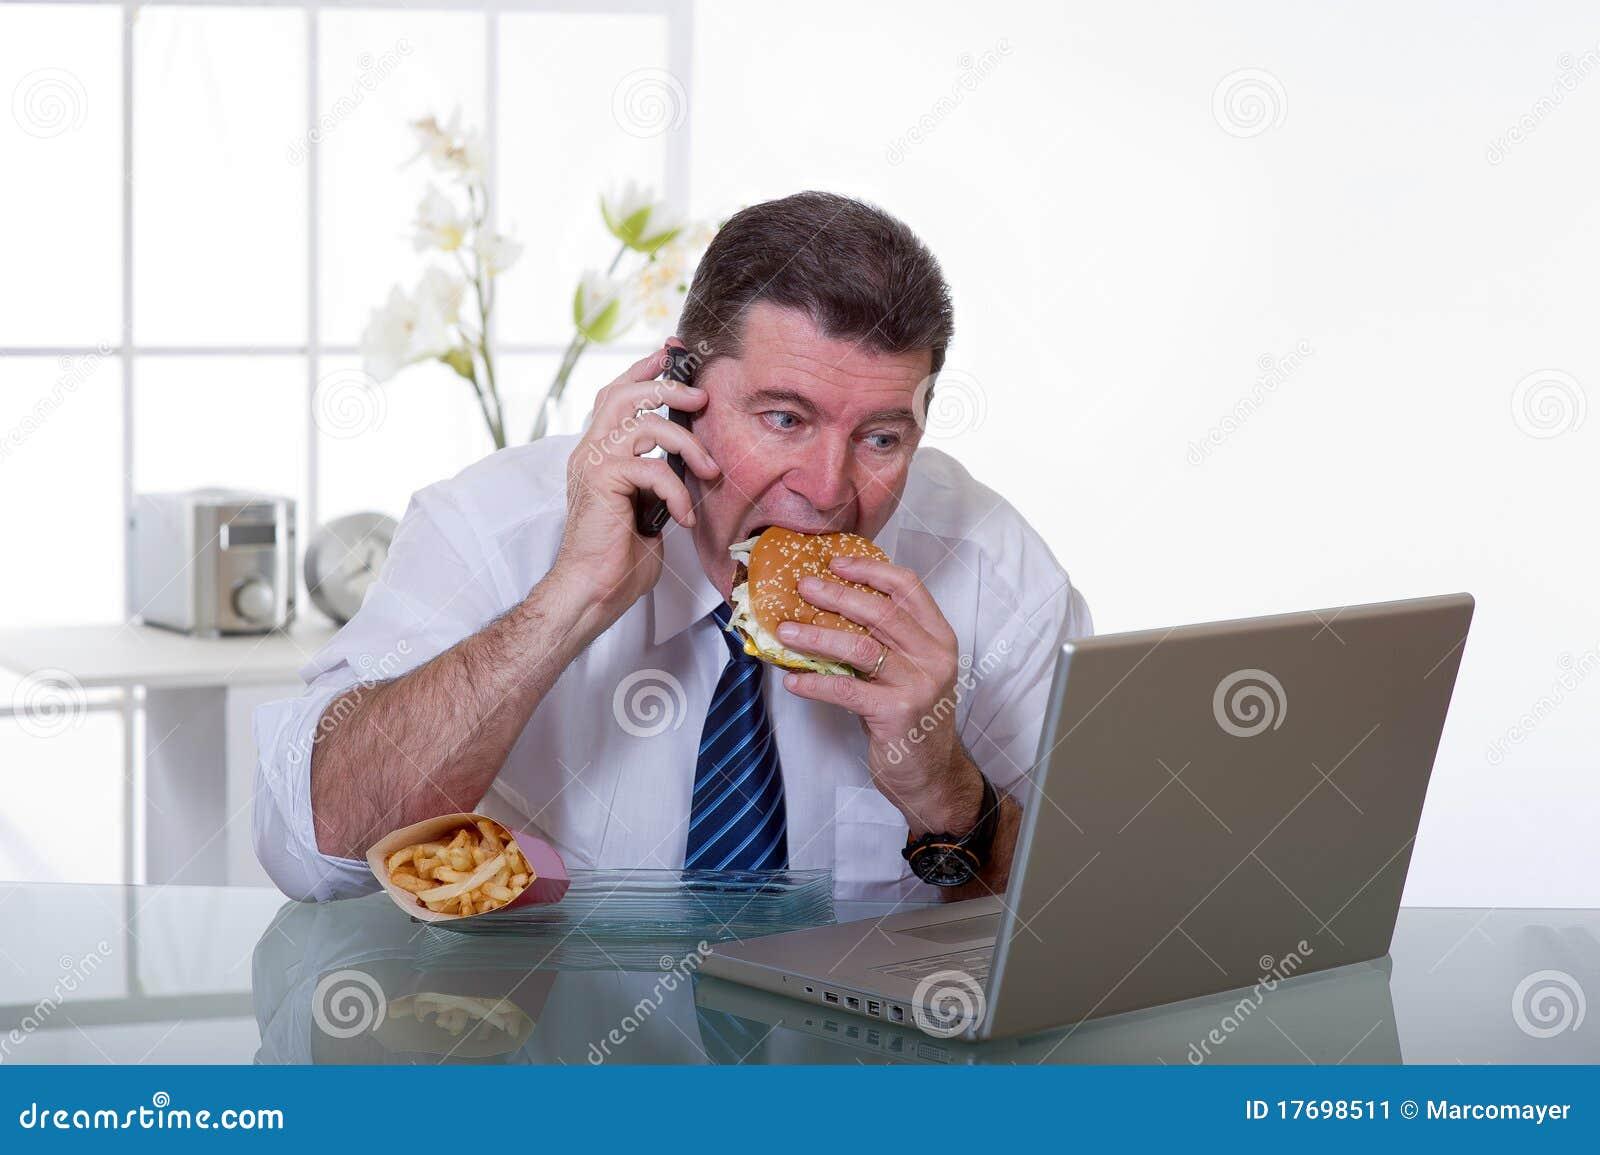 El hombre en la oficina come el alimento malsano